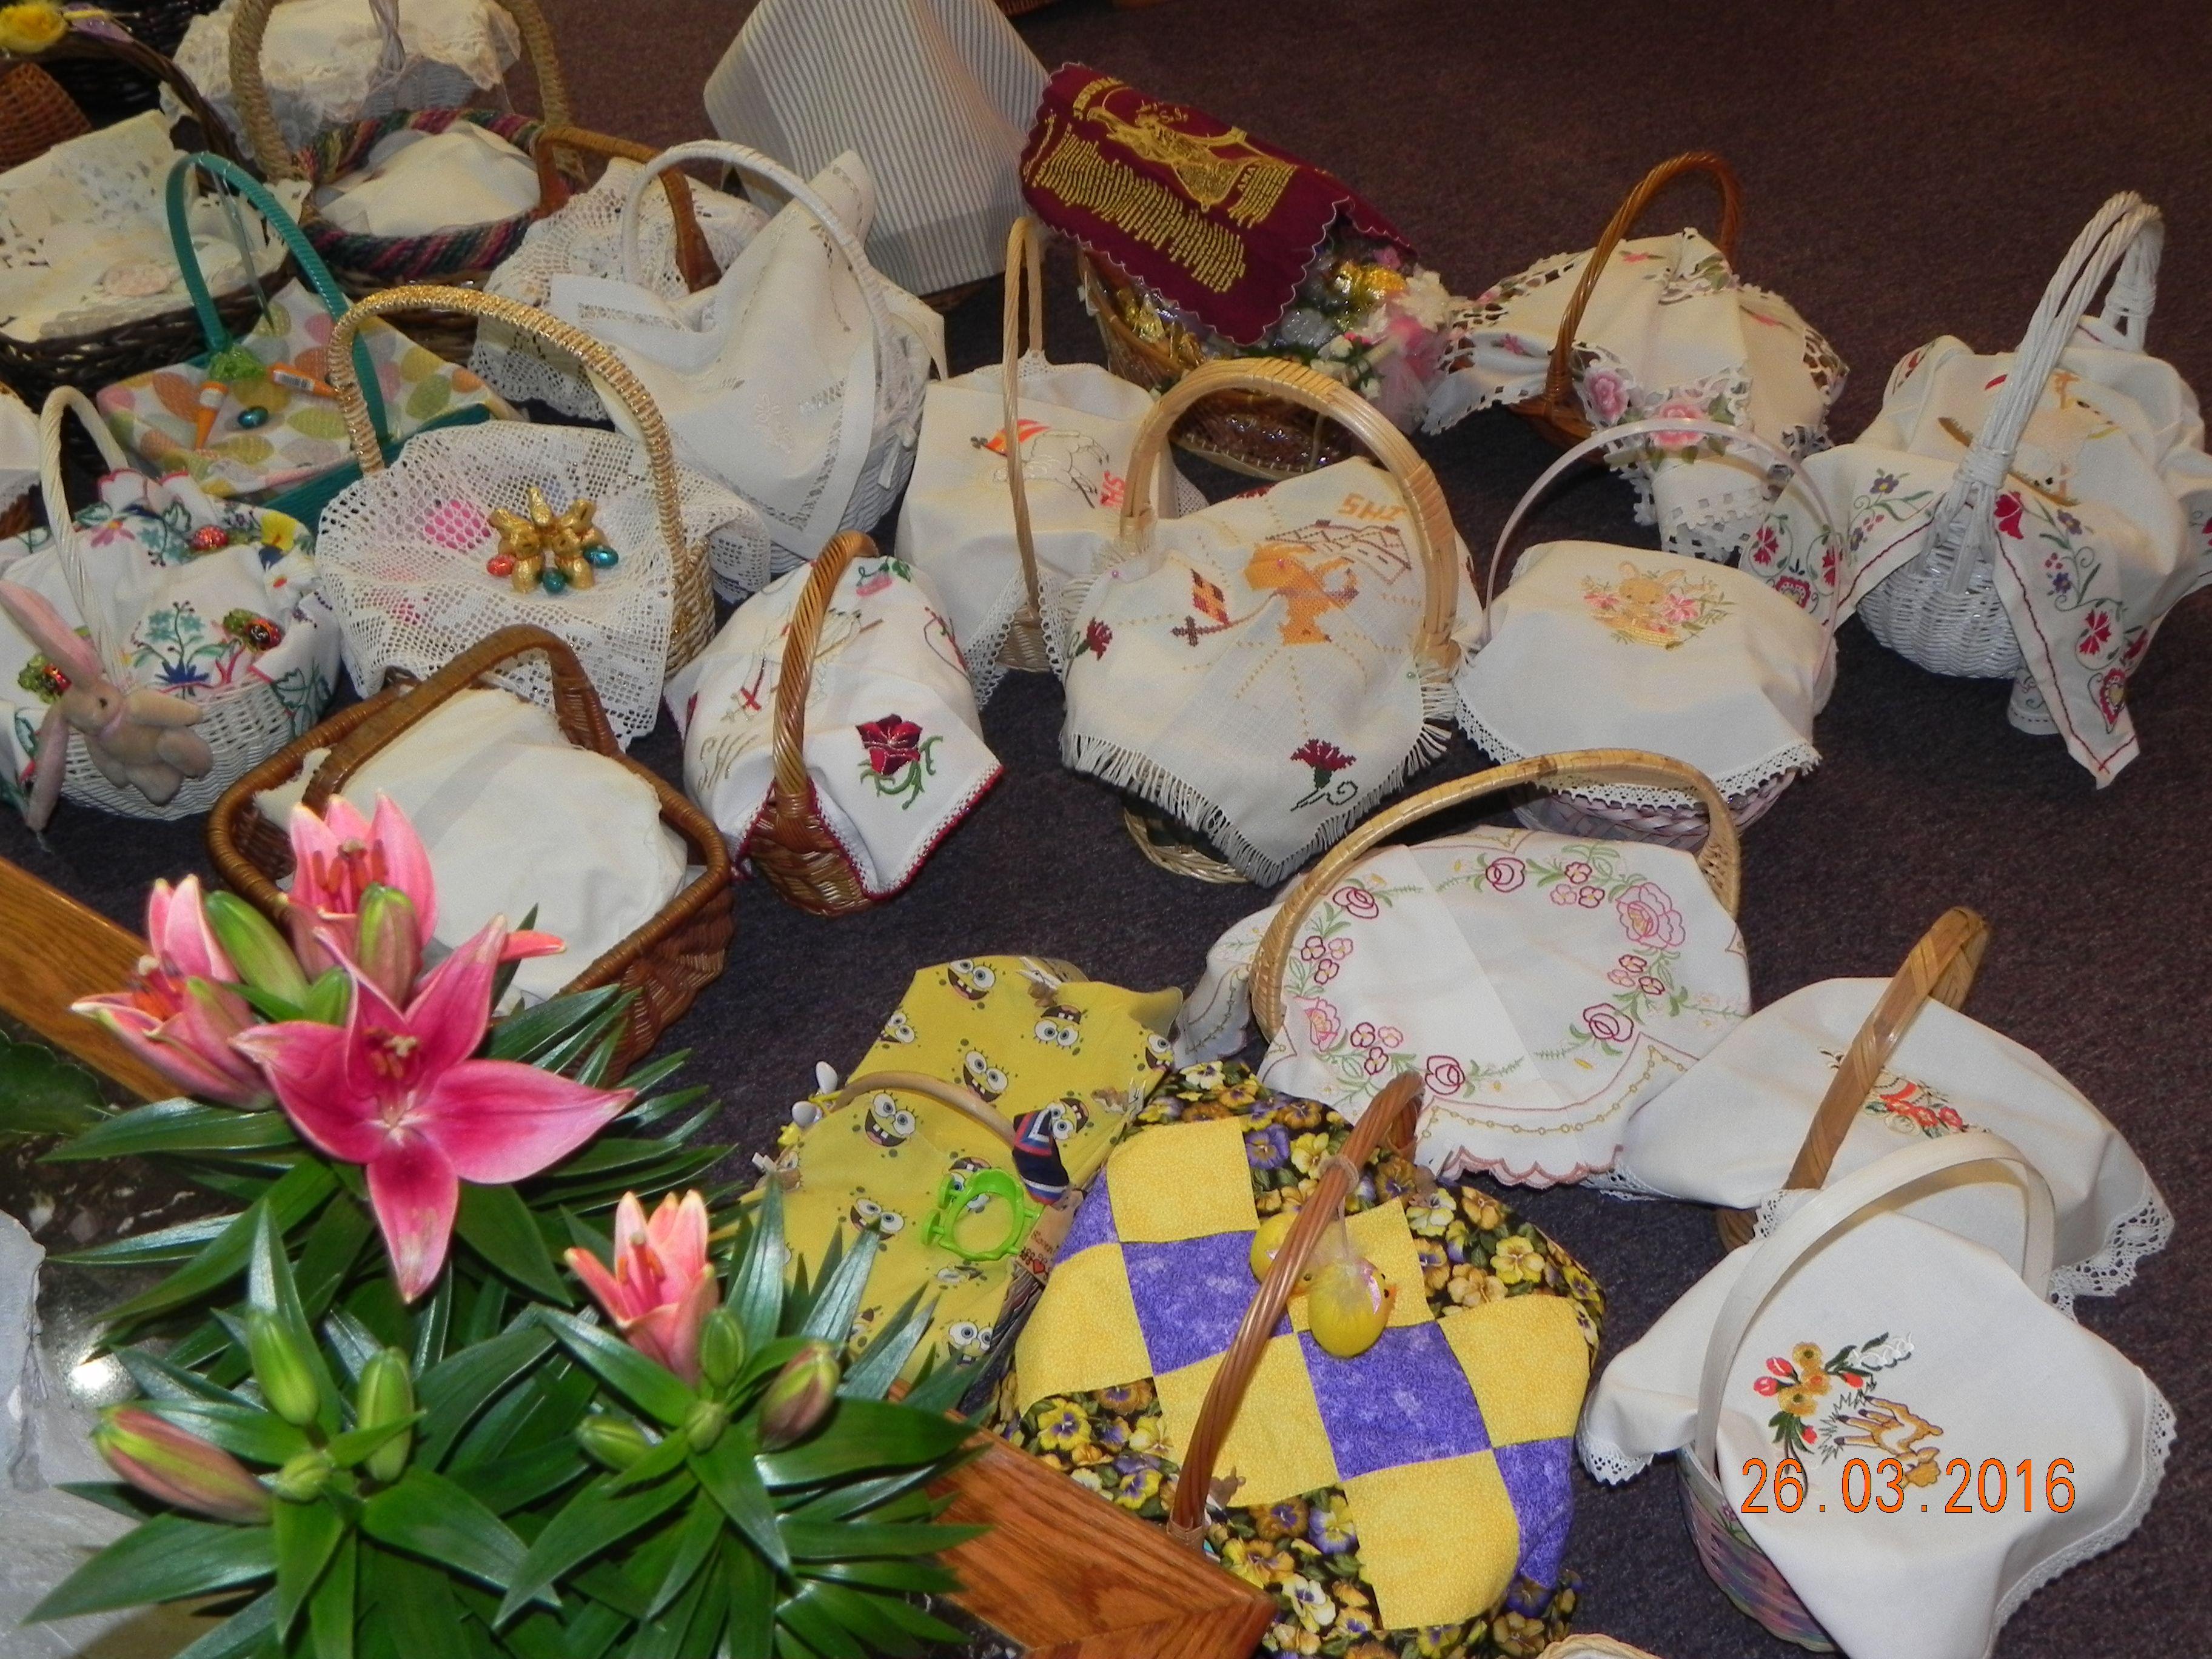 Beautyful Easter baskets